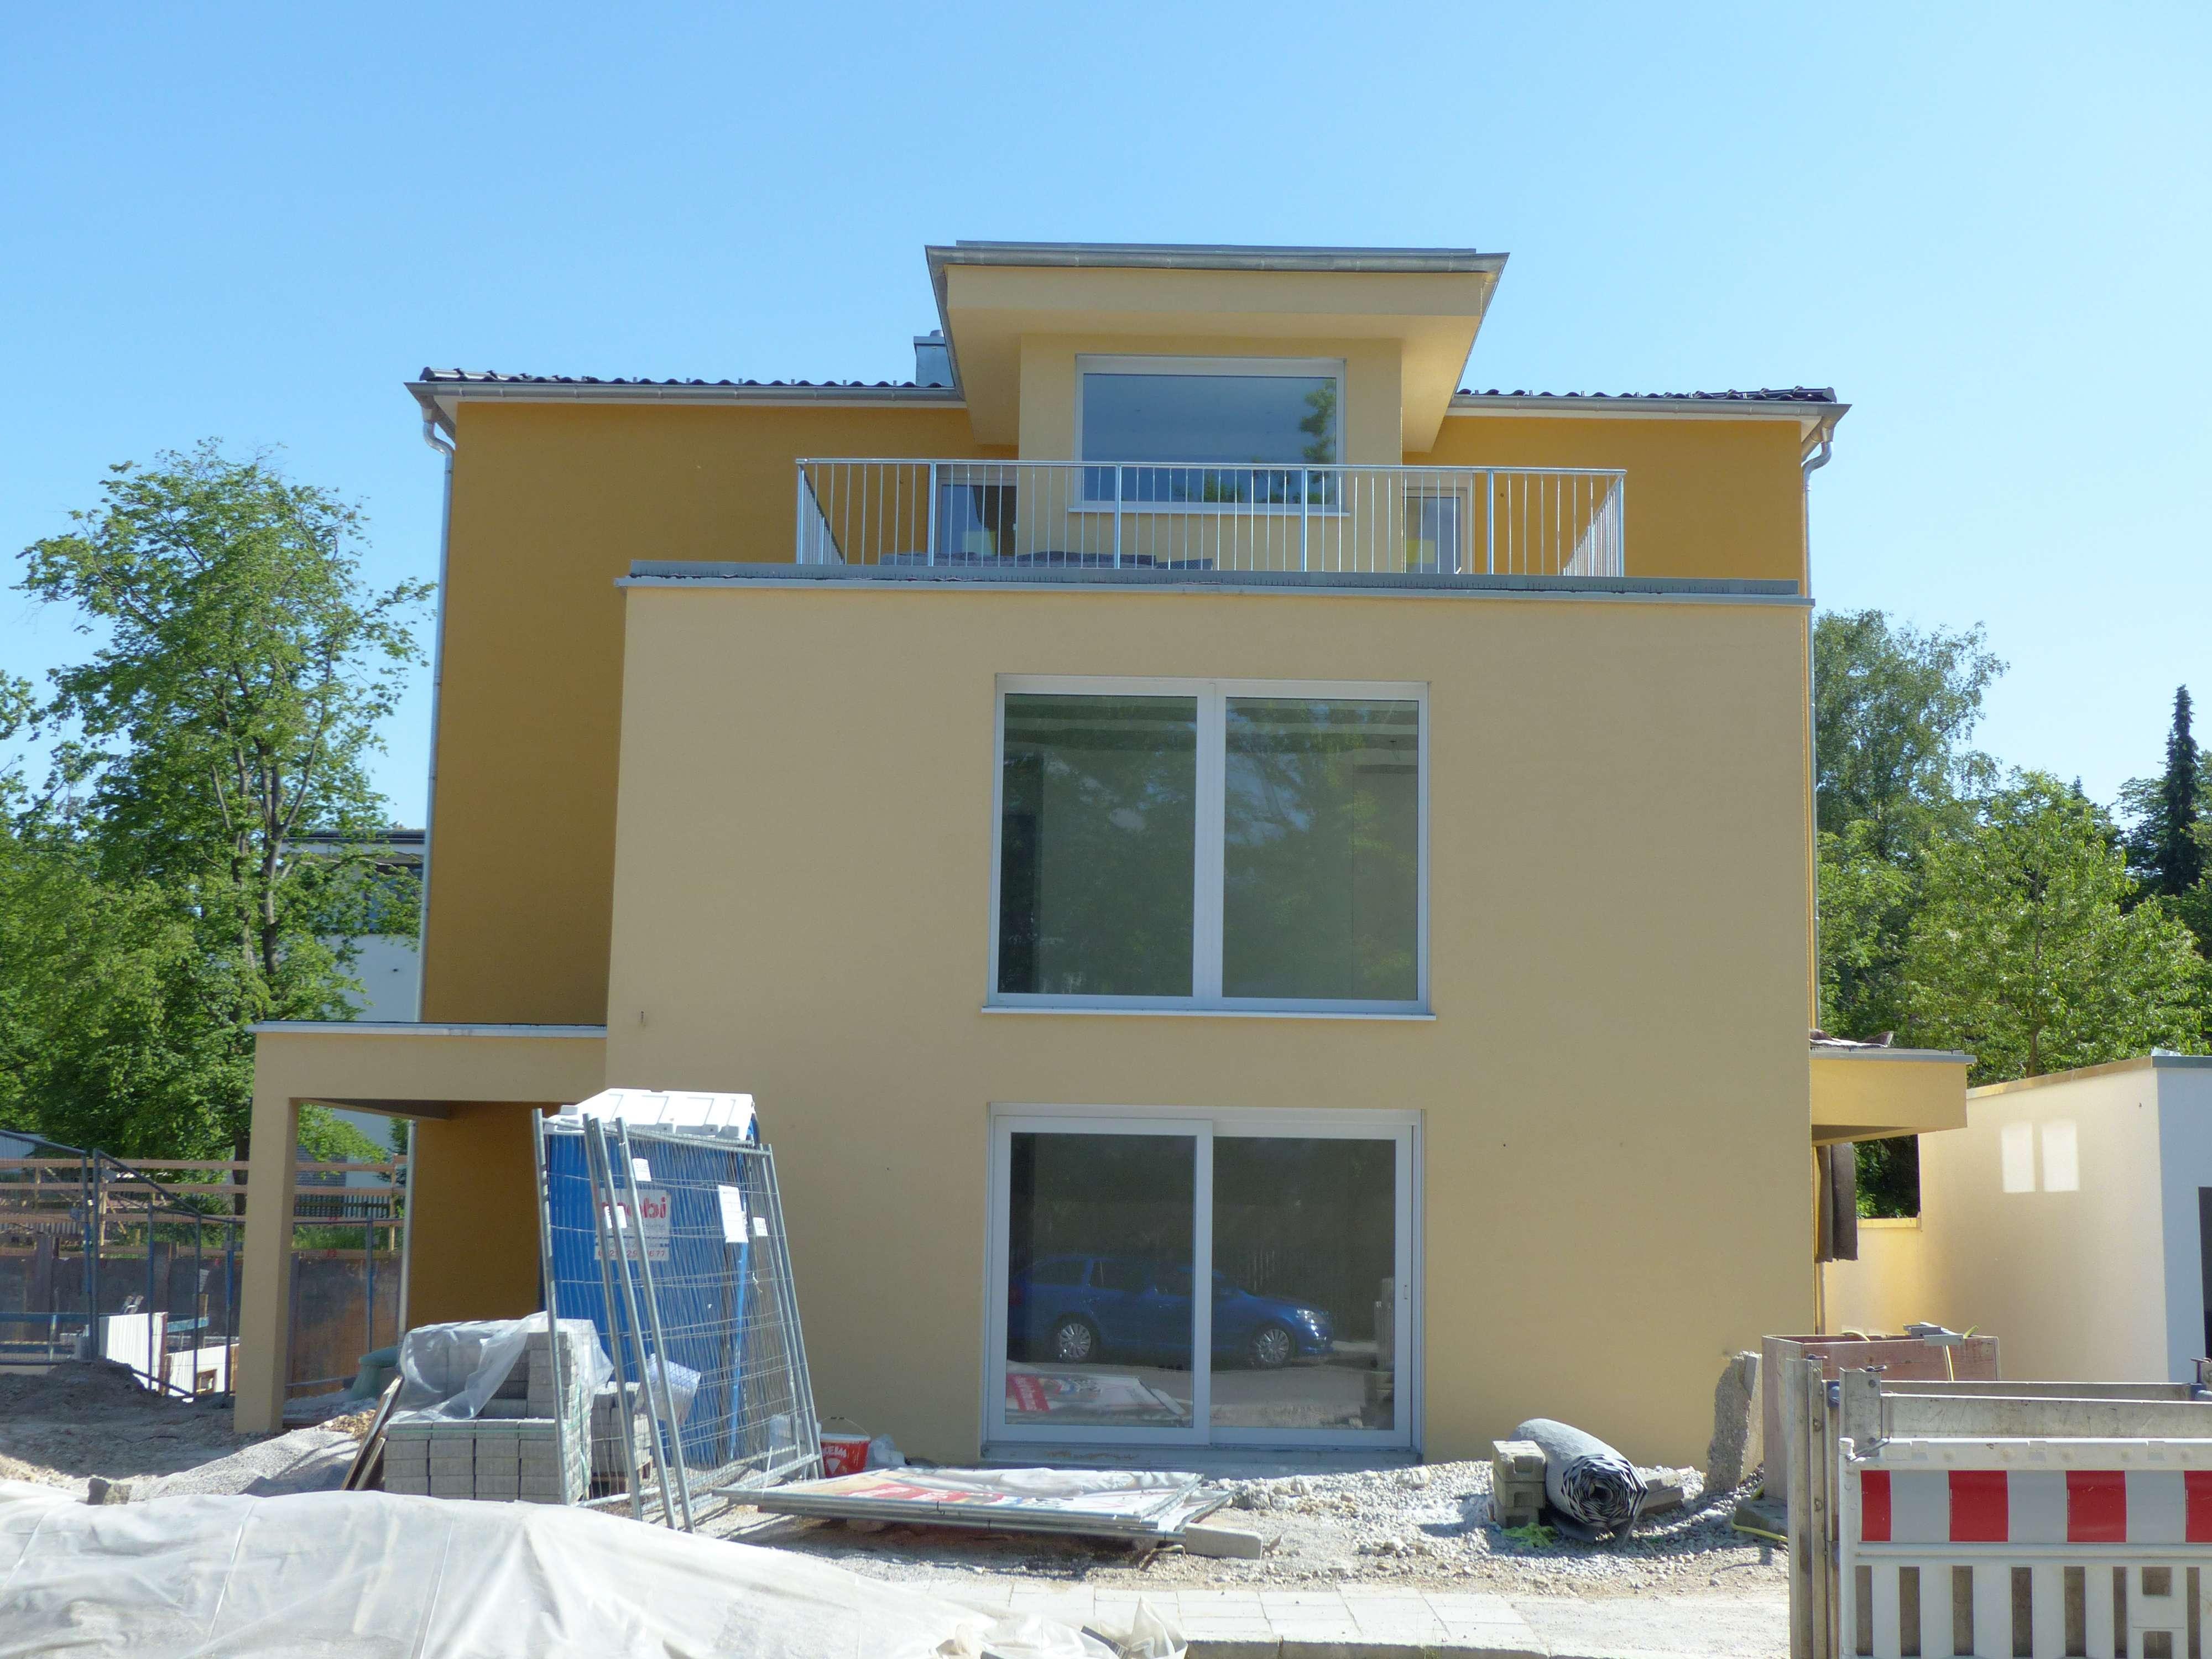 Helle und ruhige 3-Zimmer-Wohnung in Solln mit 2 schönen Balkonen, Top-Lage